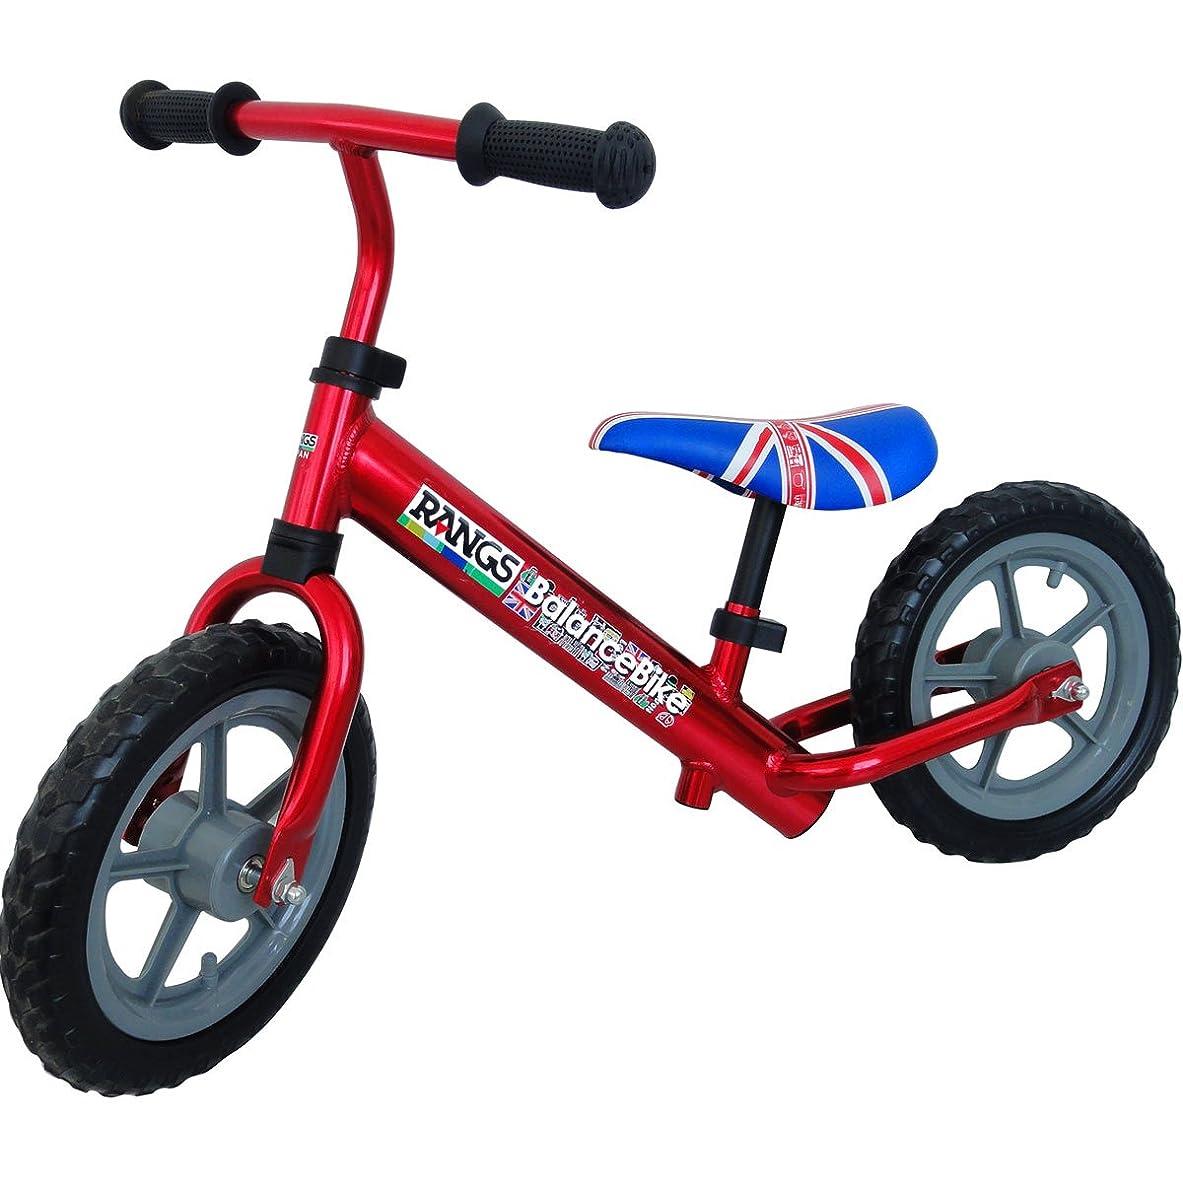 供給着飾るうるさいCOEWSKE 12インチ ペダルなし自転車 子供用 キッズ トレーニングバイク マグネシウム合金 軽量 ペダルなし 2?5歳 ウォーキング自転車(ブルー)